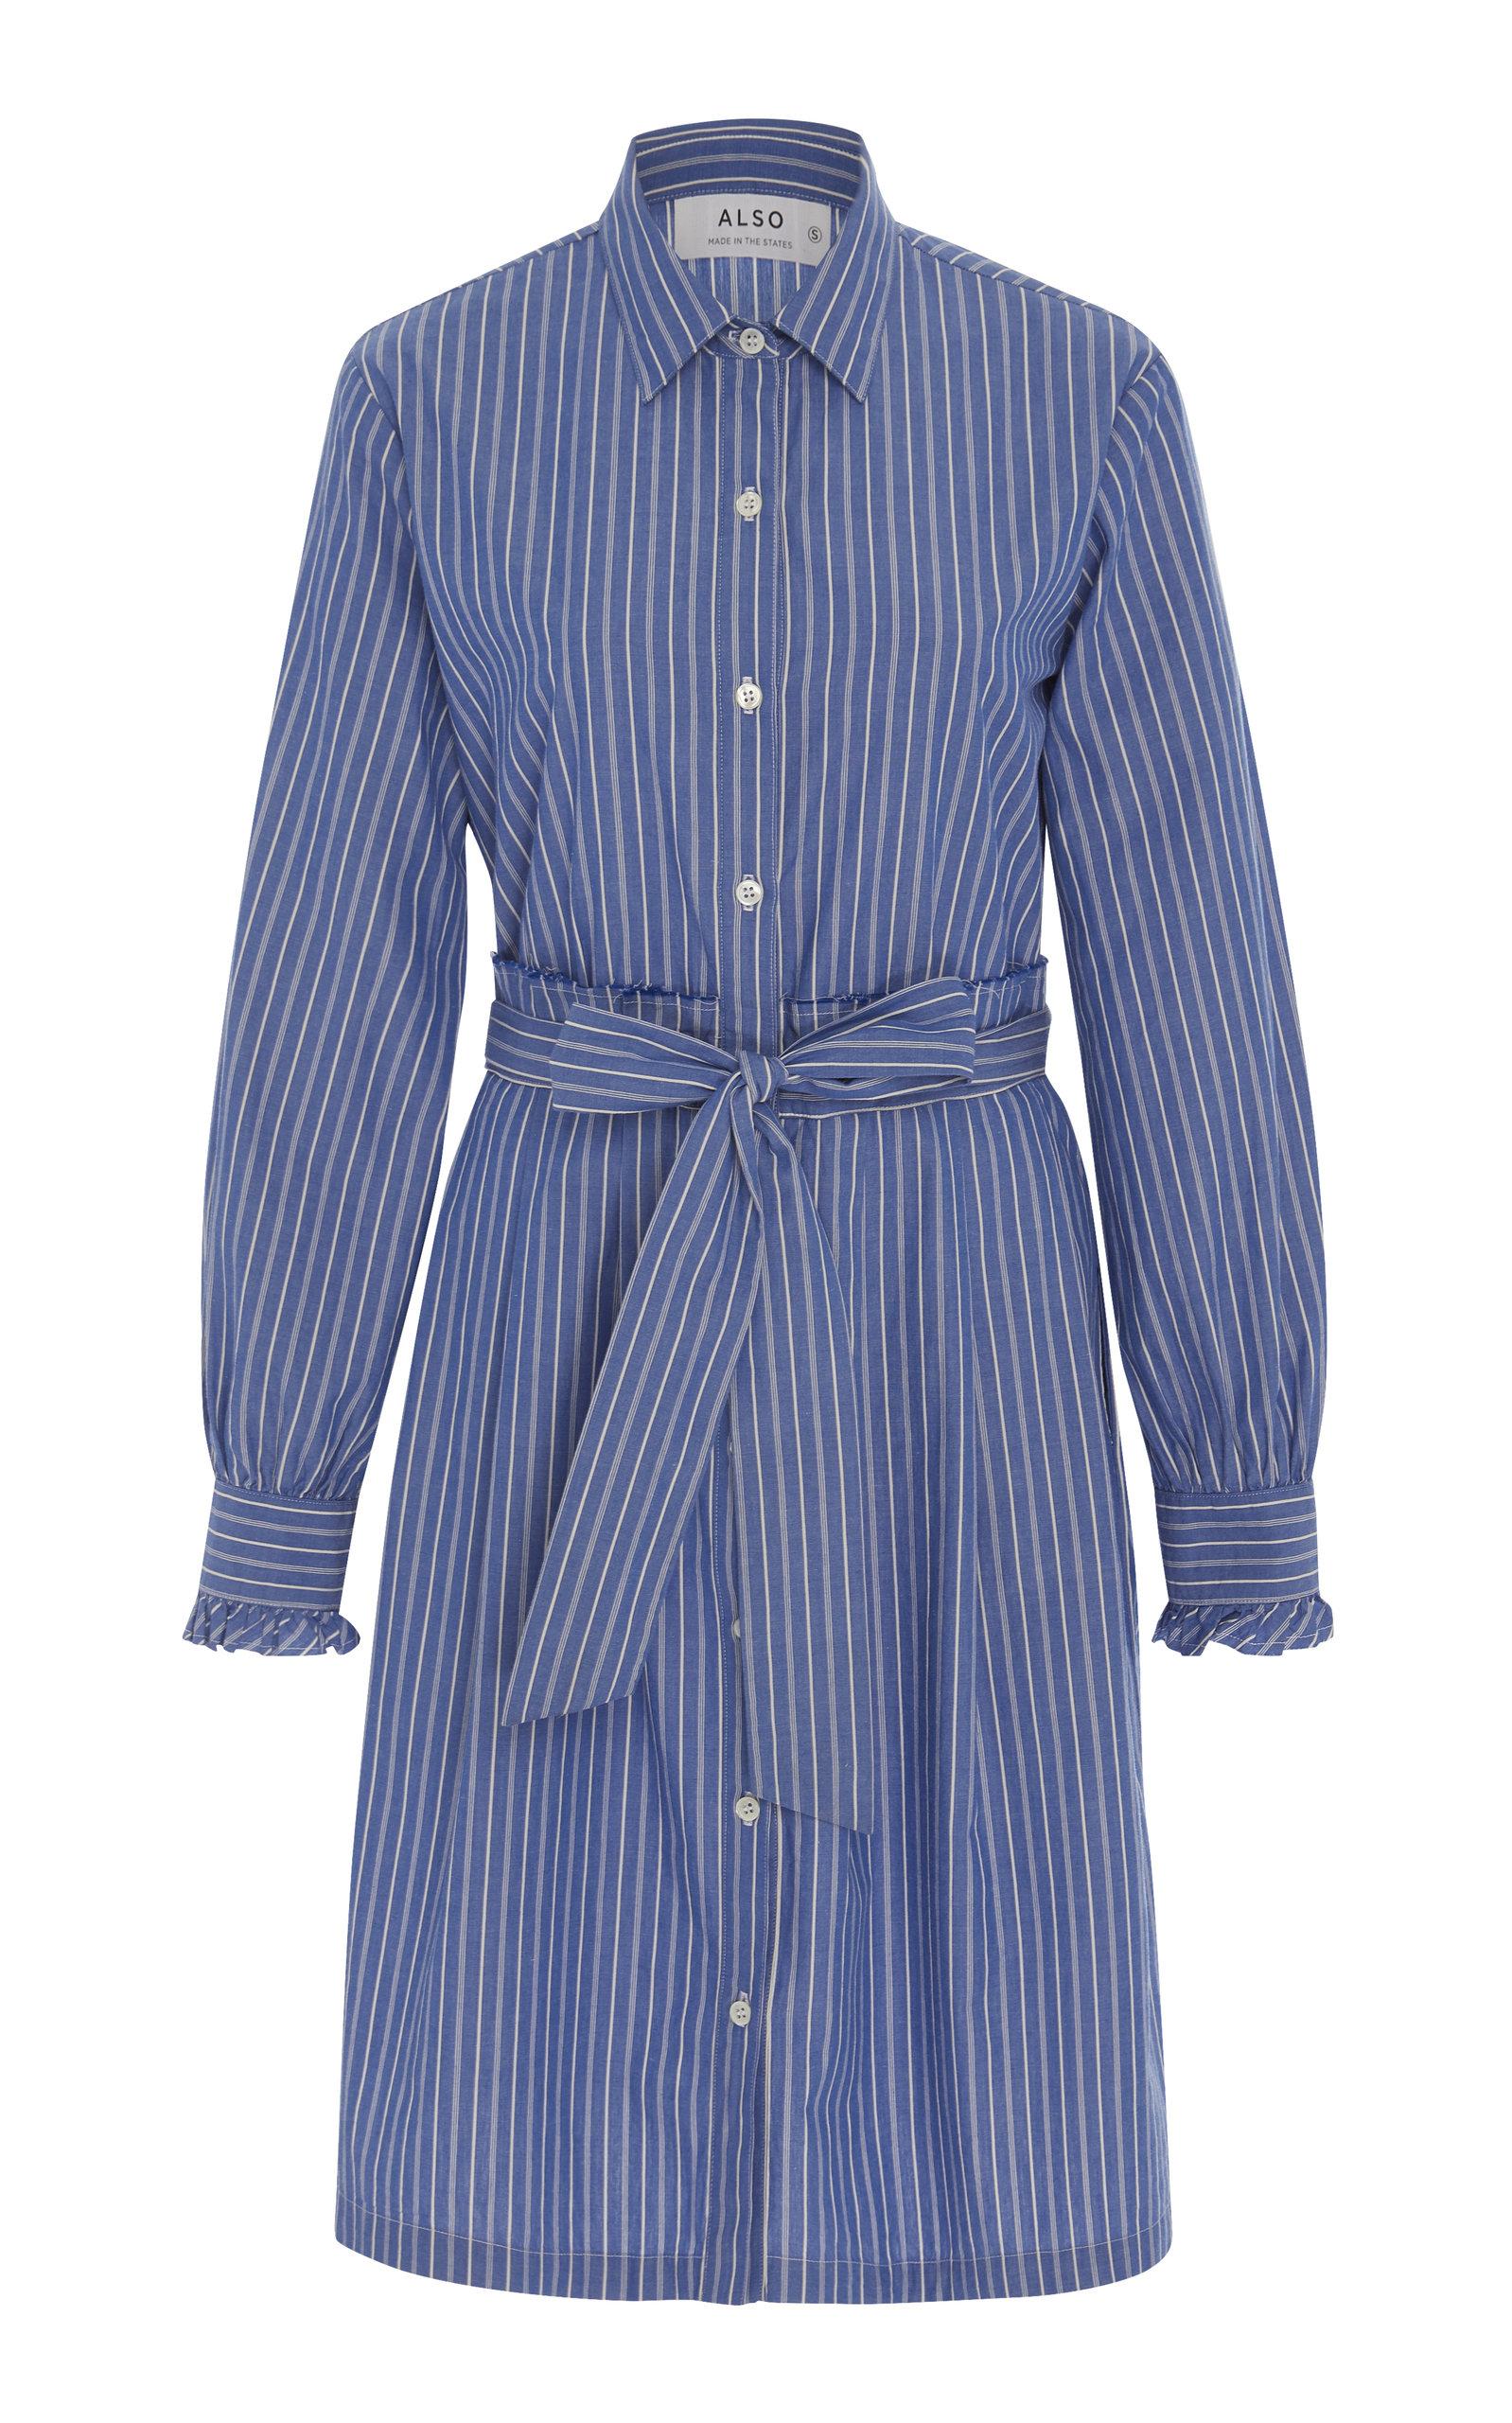 ALSO Leandra Cotton-Poplin Shirt Dress in Stripe